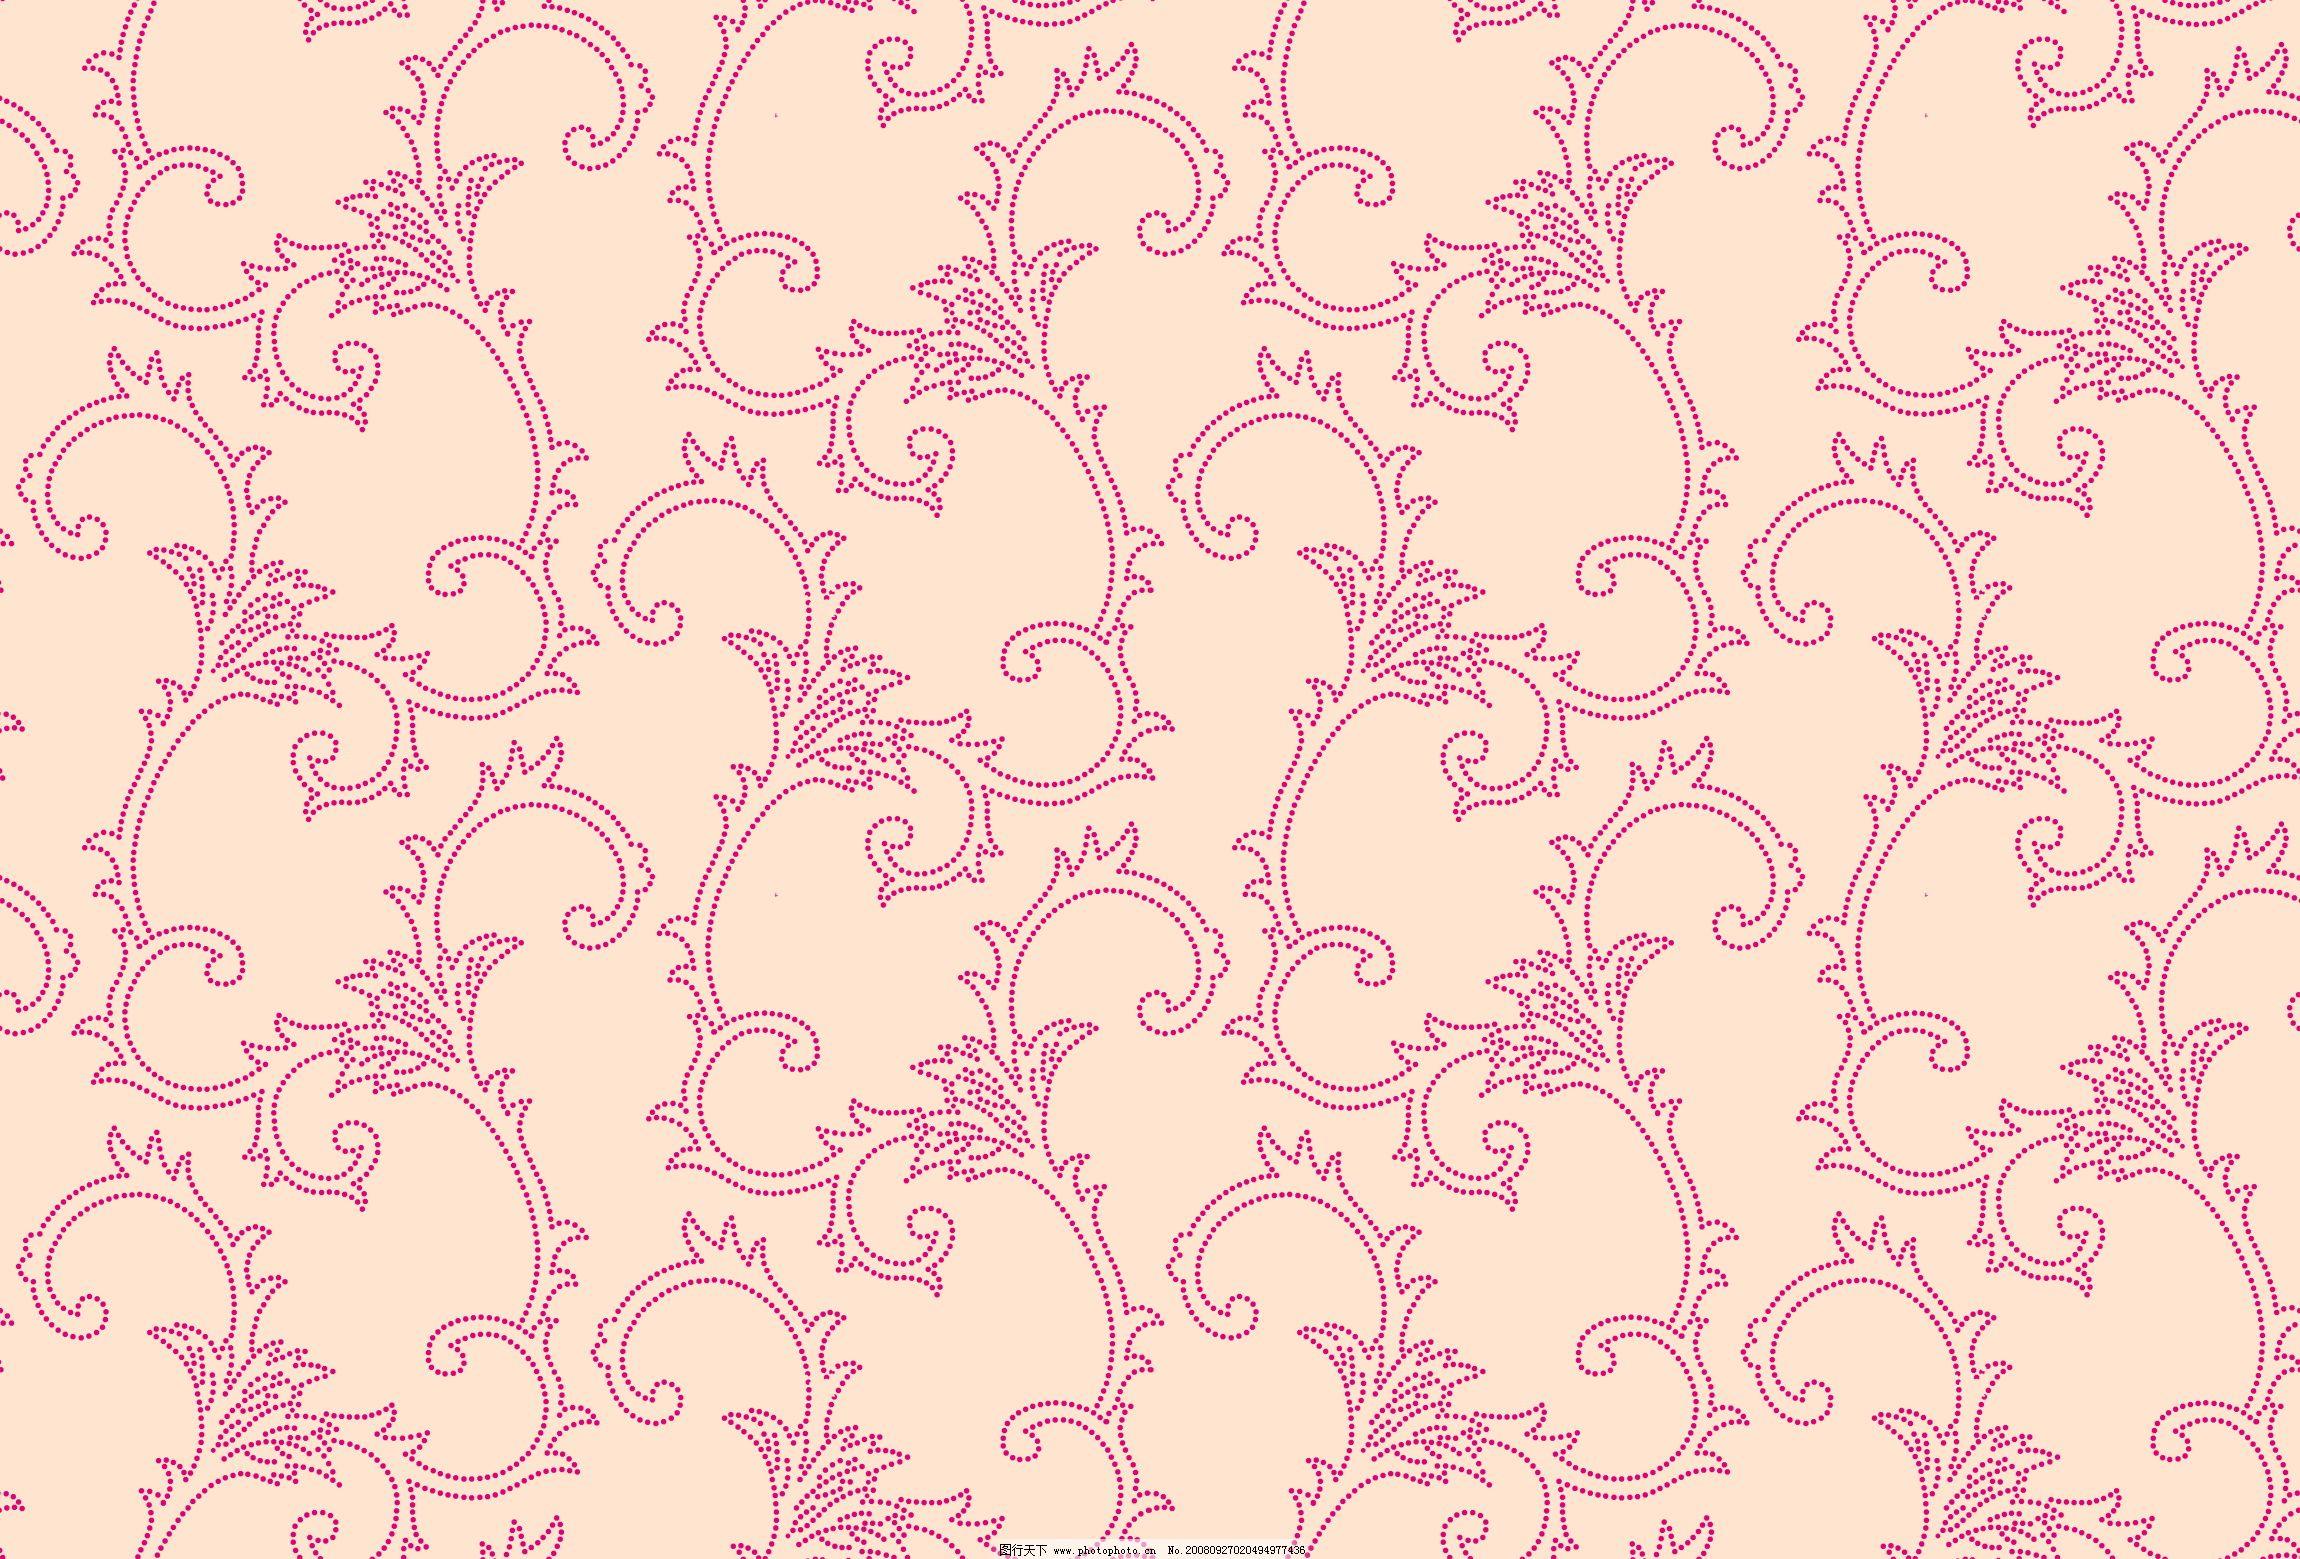 花纹边框 古典花纹边框图片模板psd素材